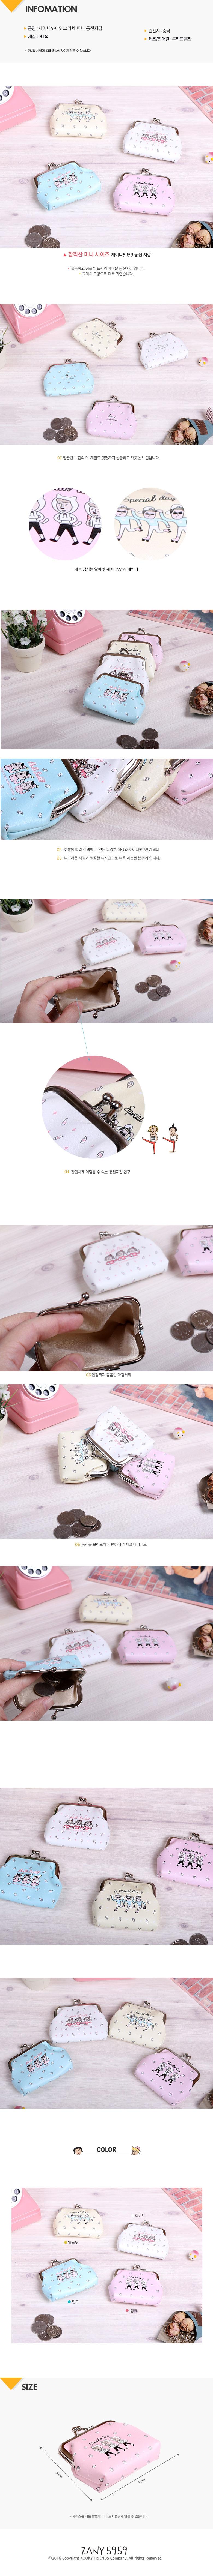 제이니5959 크러치 미니 동전지갑 - 쿠키프렌즈, 2,500원, 동전/카드지갑, 동전지갑